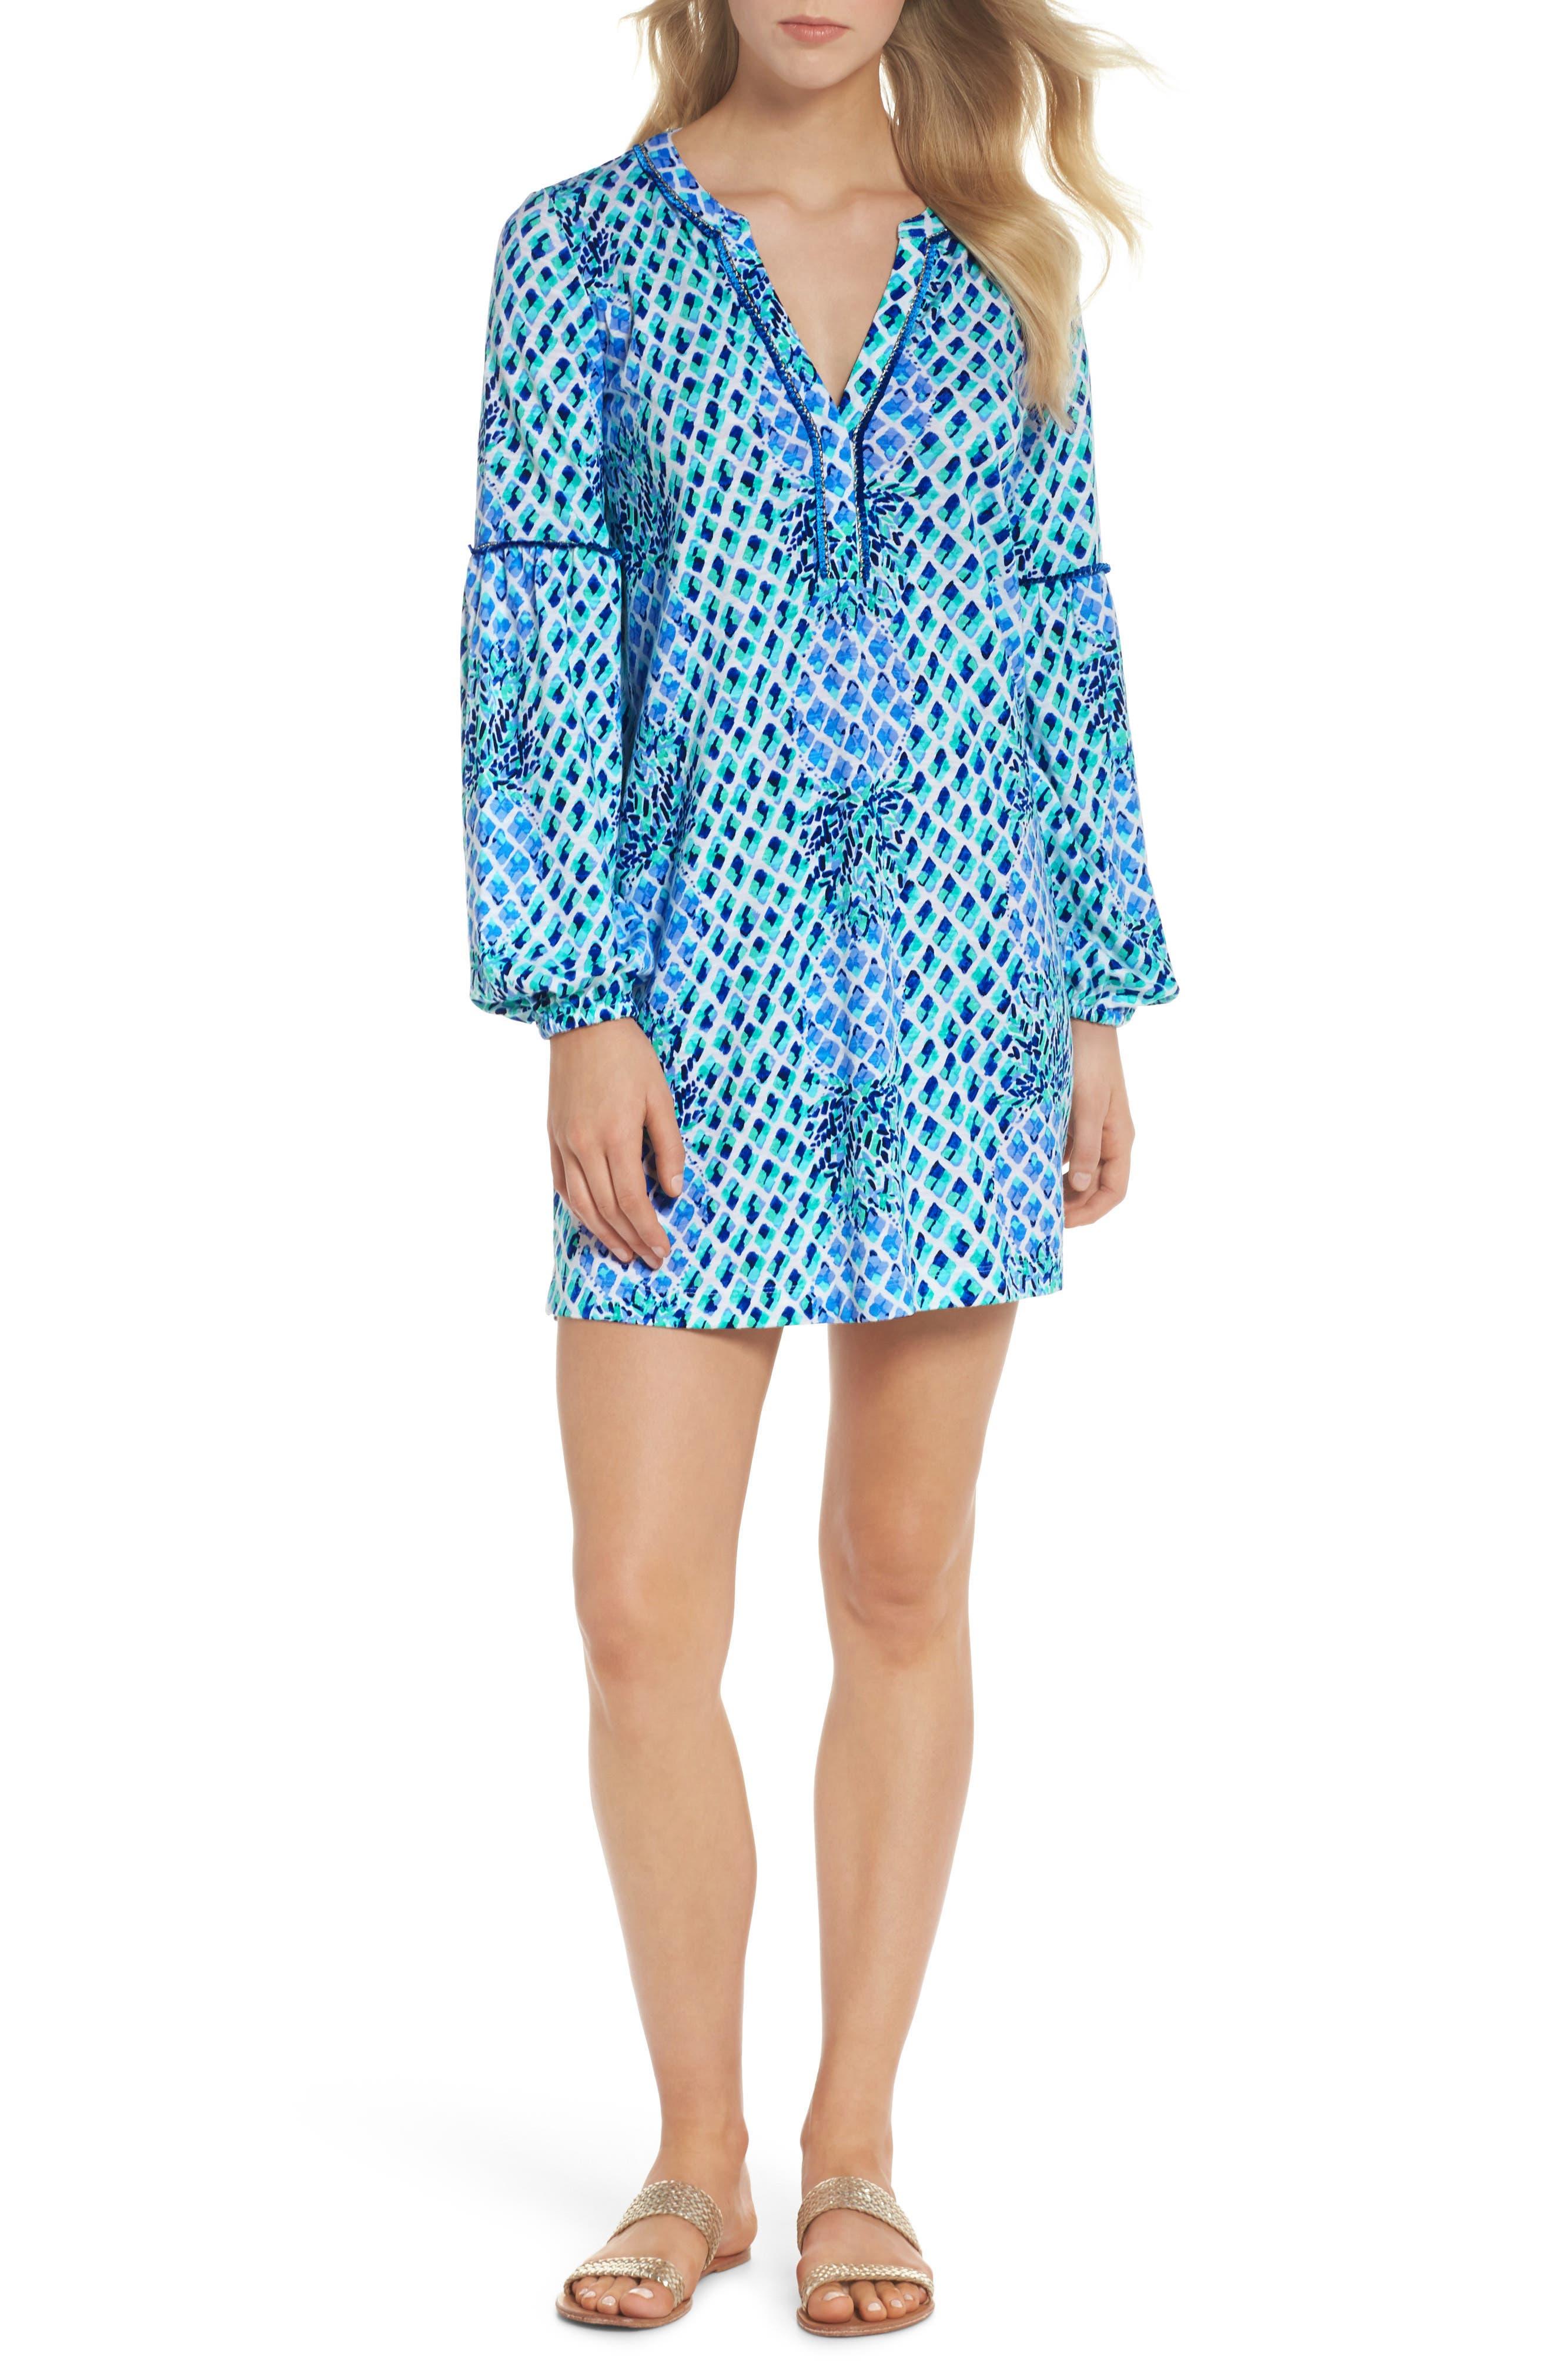 Joy Tunic Dress,                             Main thumbnail 1, color,                             Resort White Toe In